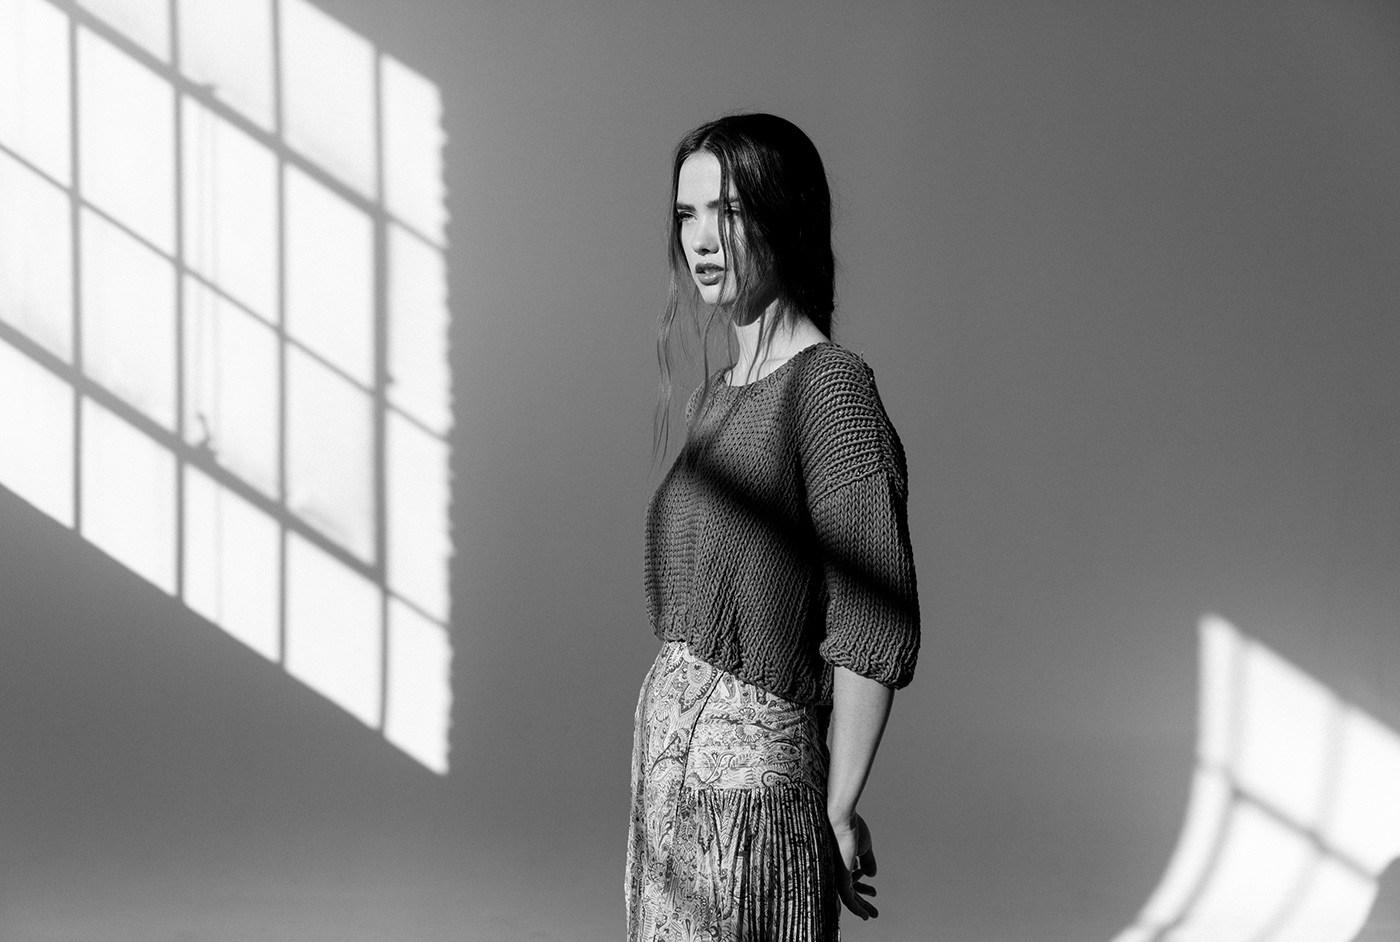 Sien+Co手工针织服饰品牌 欣赏-第11张